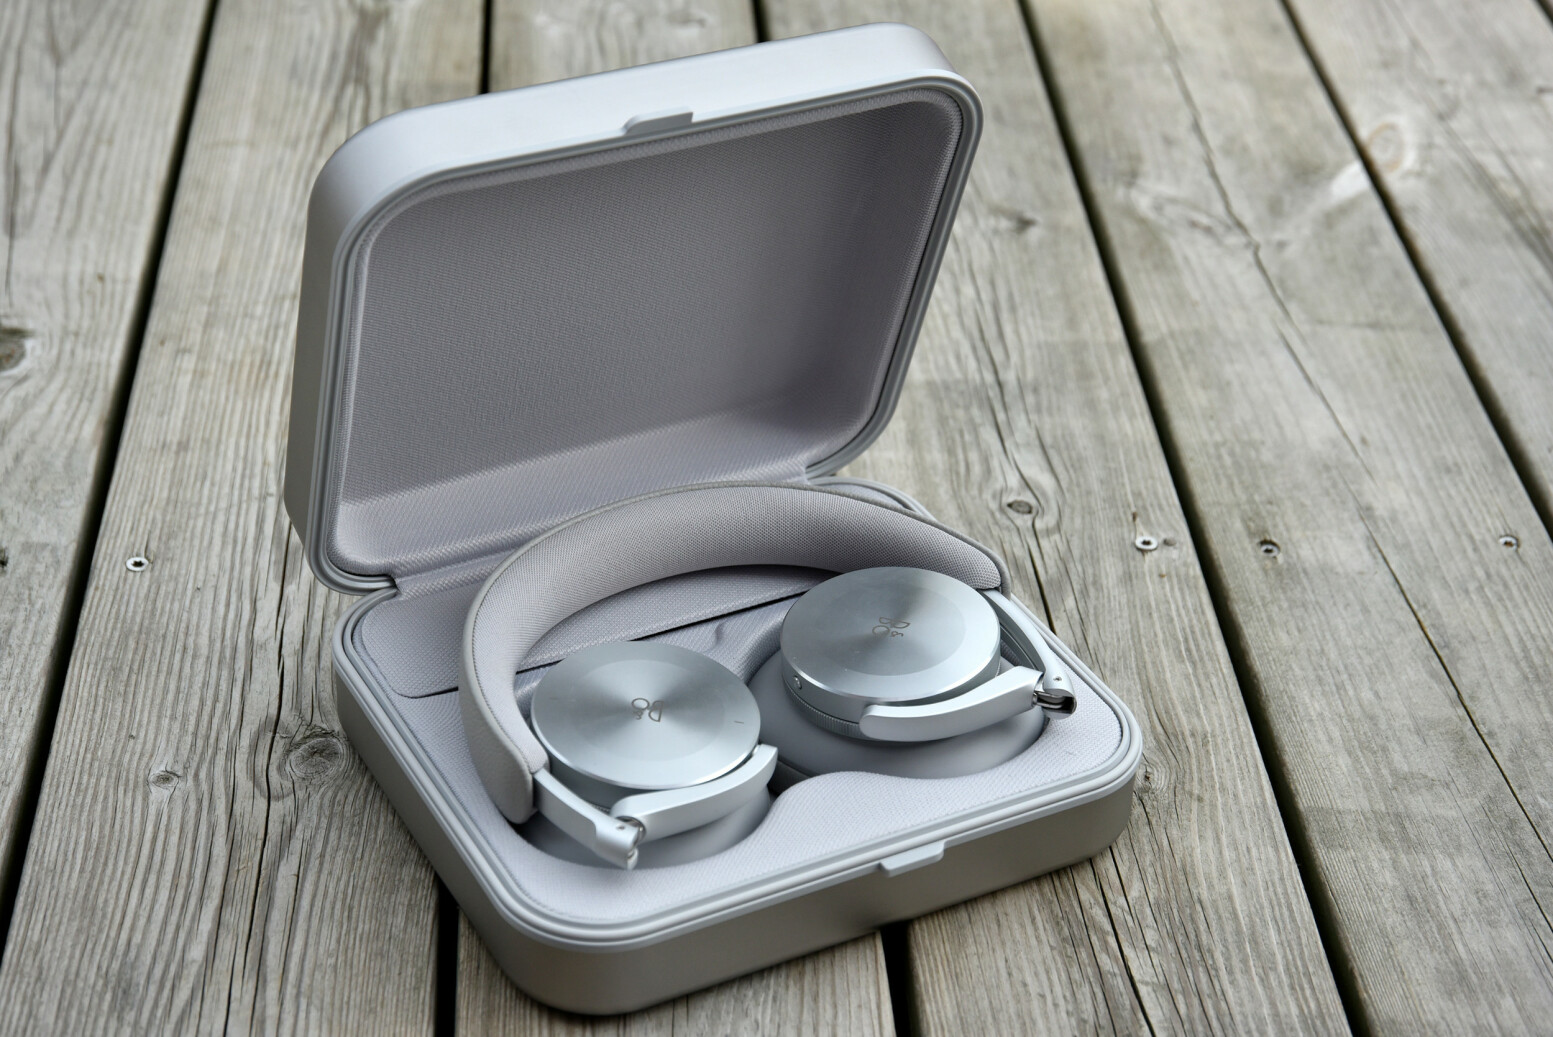 DELIKAT: B&O H95 kommer med et metalletui som virker å beskytte dem godt når de ikke er i bruk. Foto: Pål Joakim Pollen